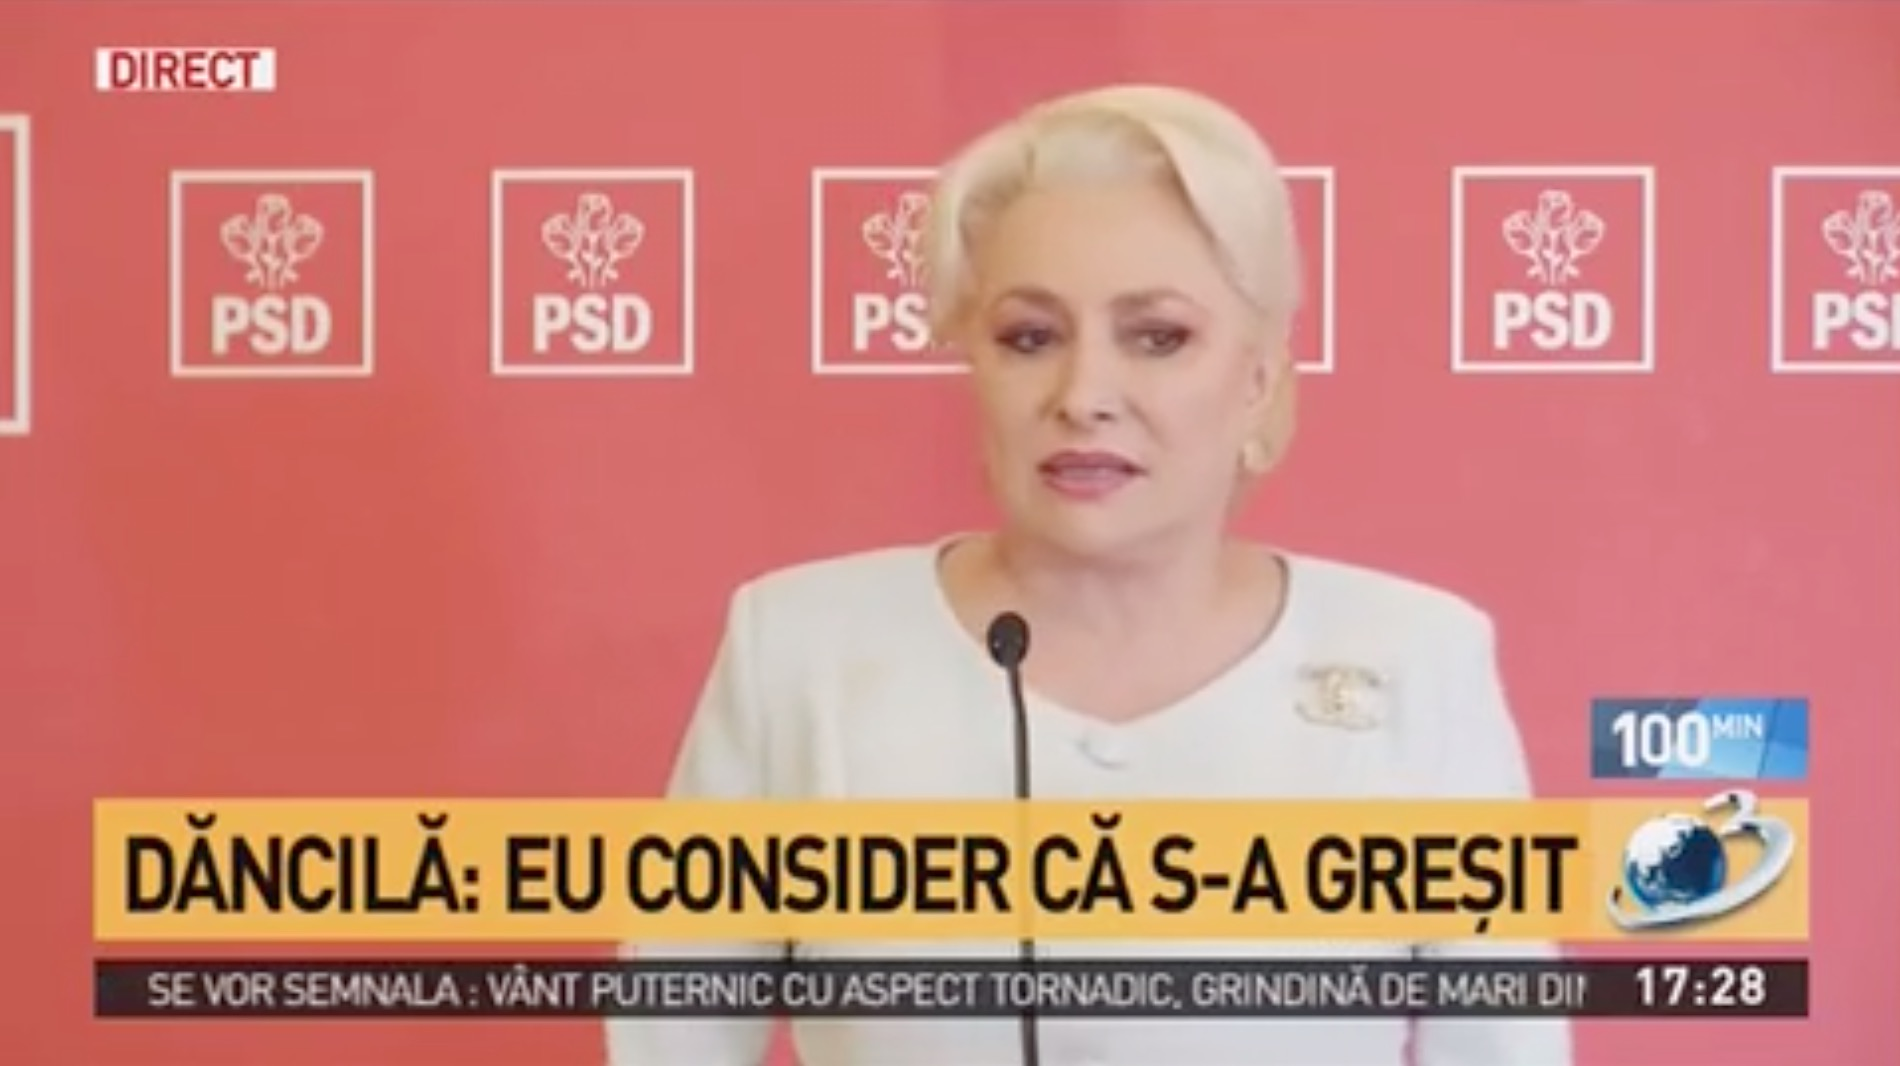 """Viorica Dăncilă, schimbare la 180 de grade, PSD va aplica Referendumul. """"Consider că s-a greșit în Diaspora"""""""